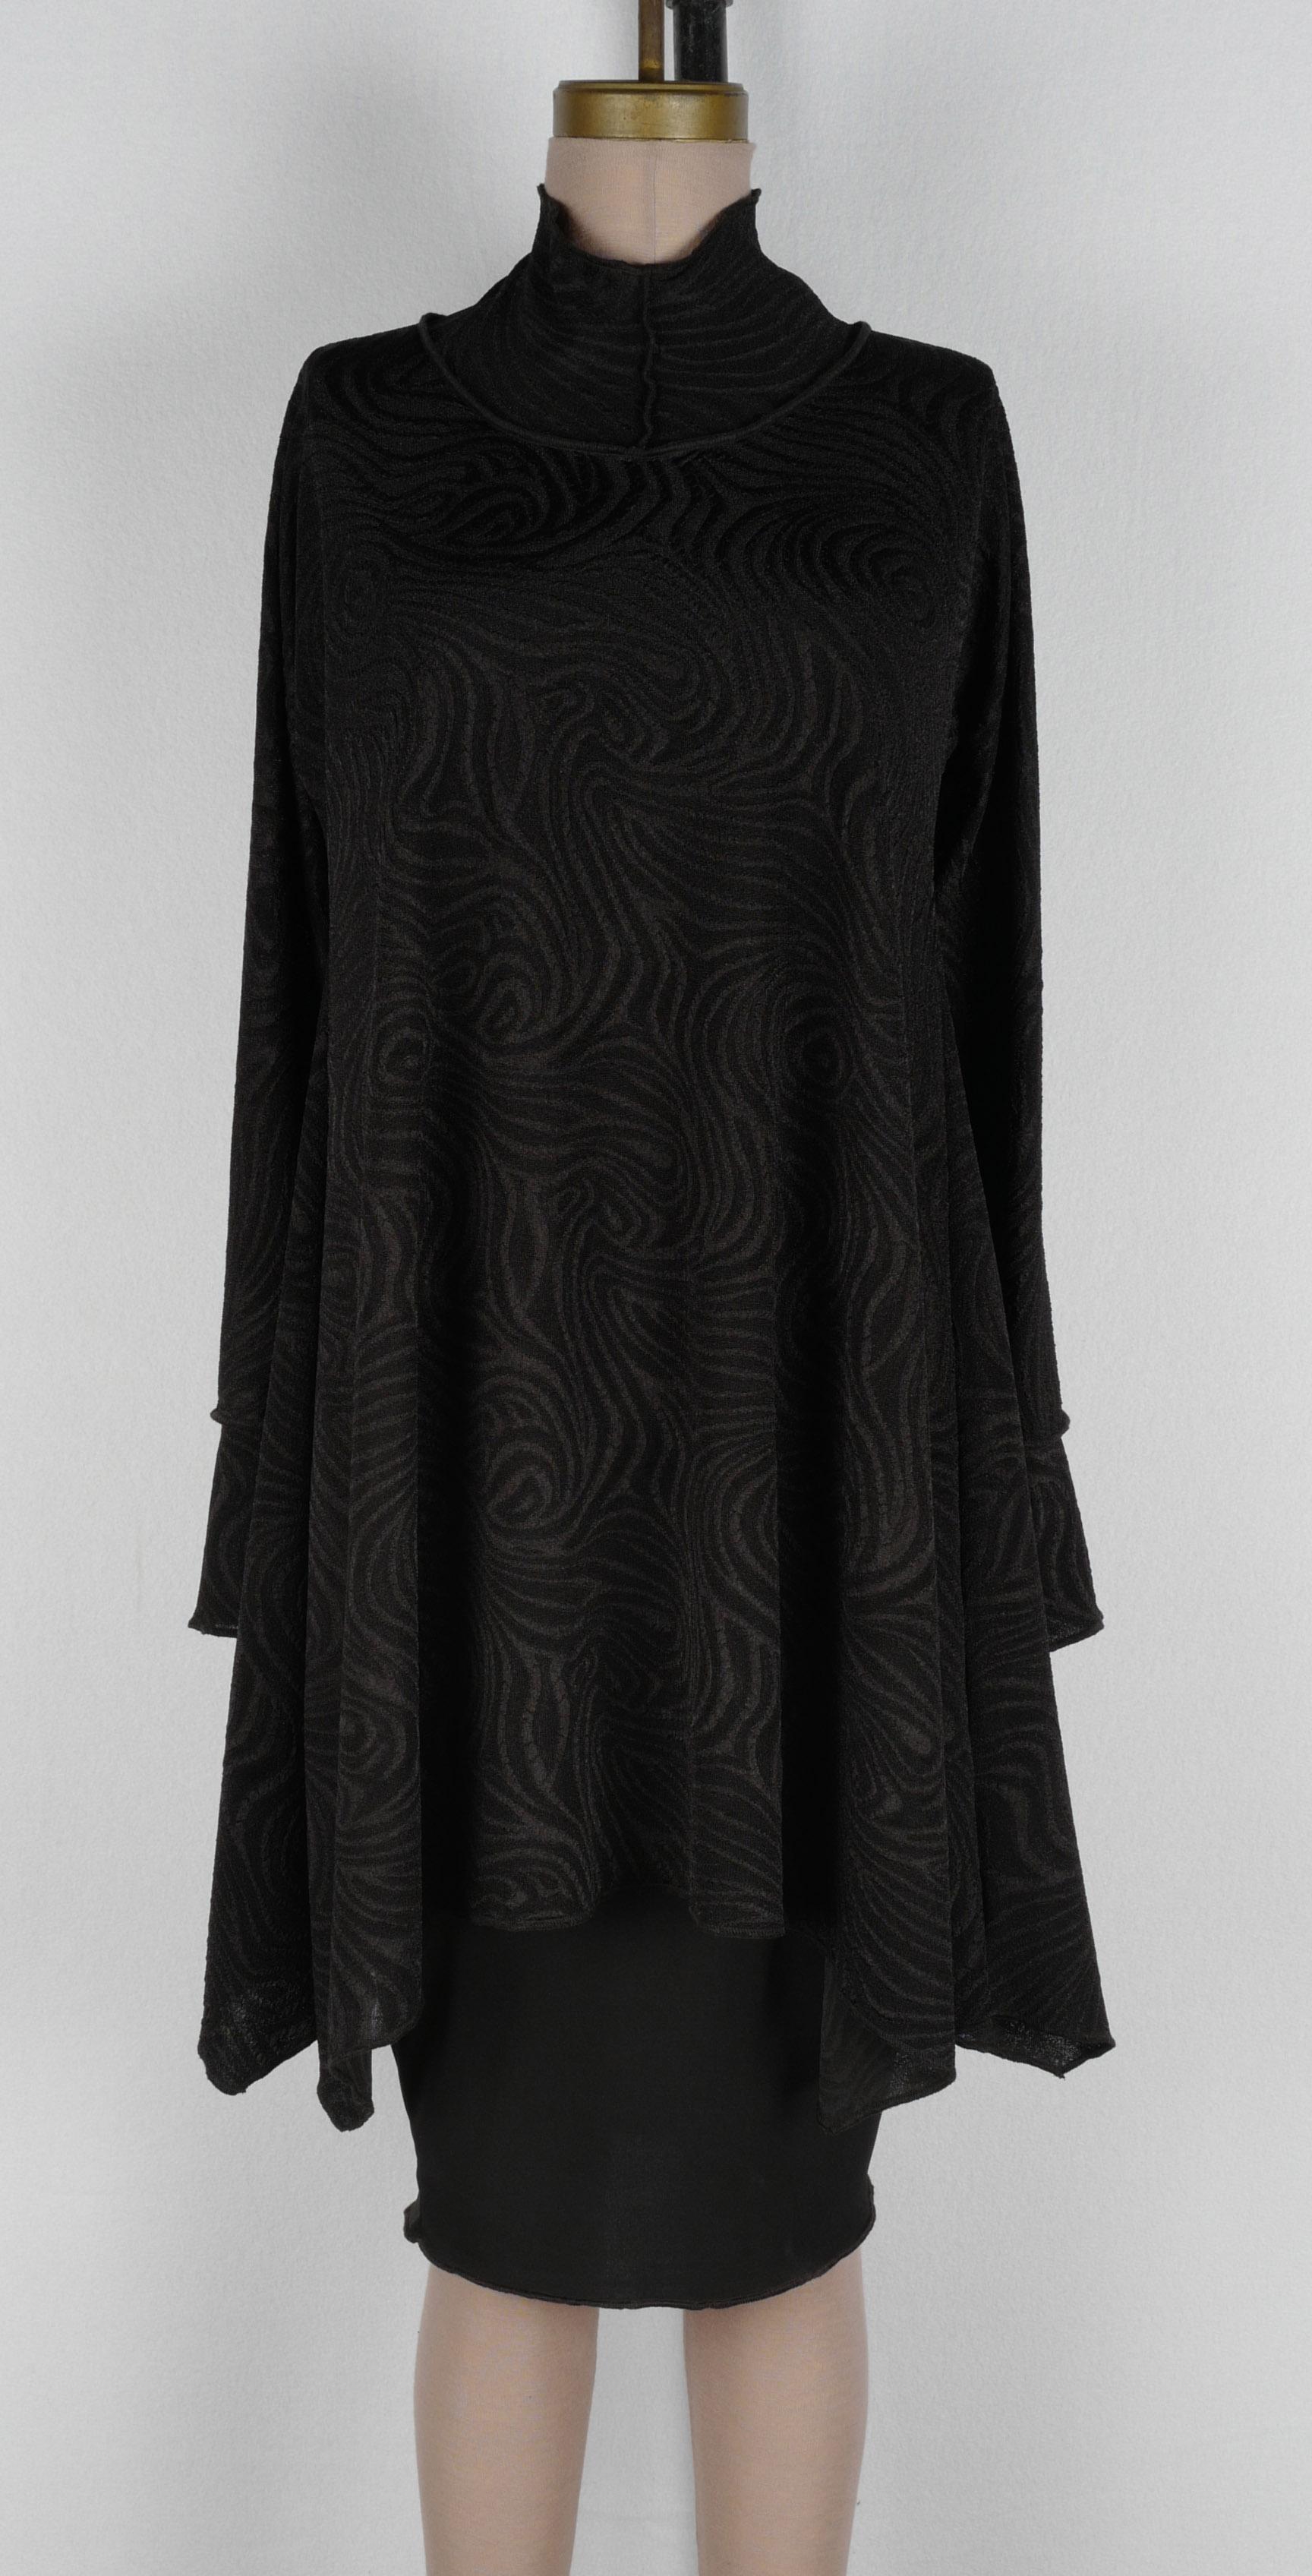 Cozy $160 • S M L XL